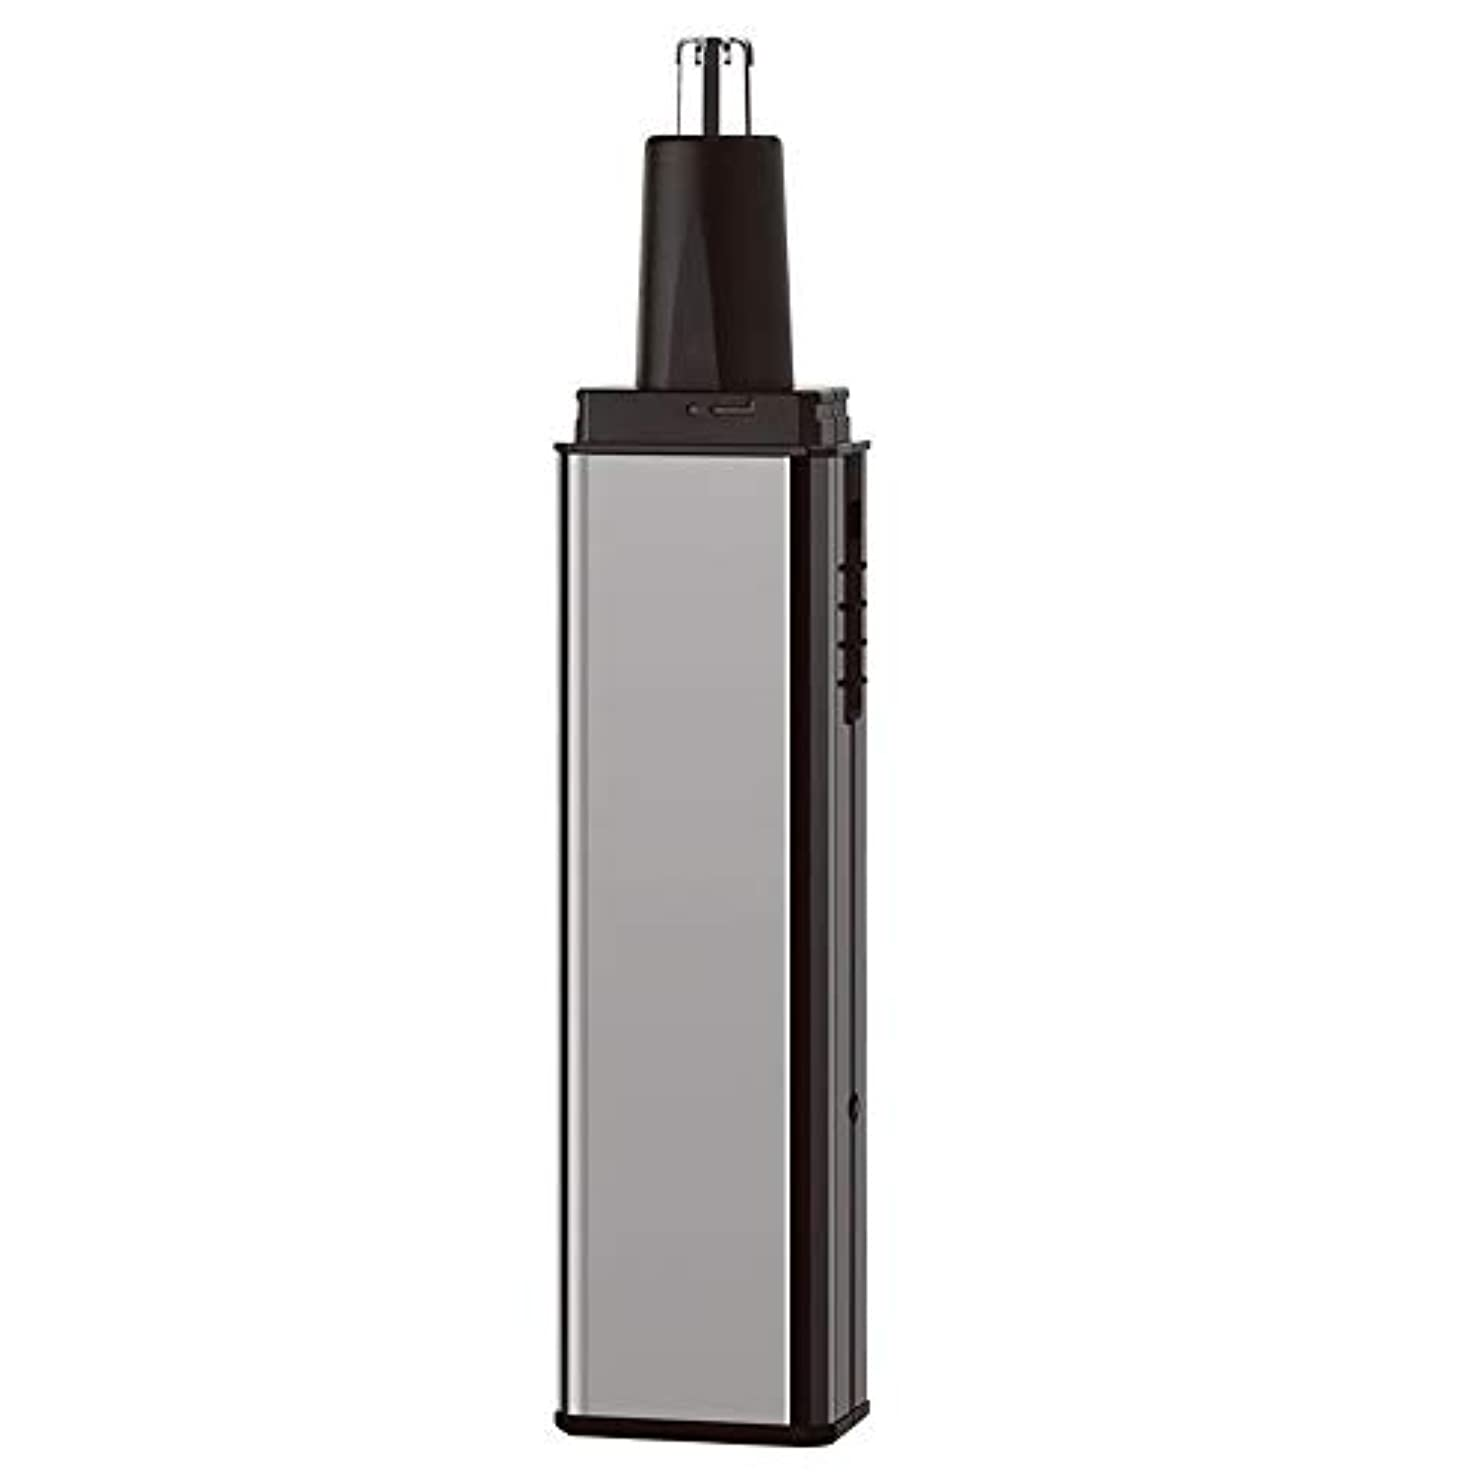 護衛面白い召喚する鼻毛トリマー-多機能スーツフォーインワン/電気鼻毛トリマー/ステンレススチール/多機能/ 13.5 * 2.7cm 持つ価値があります